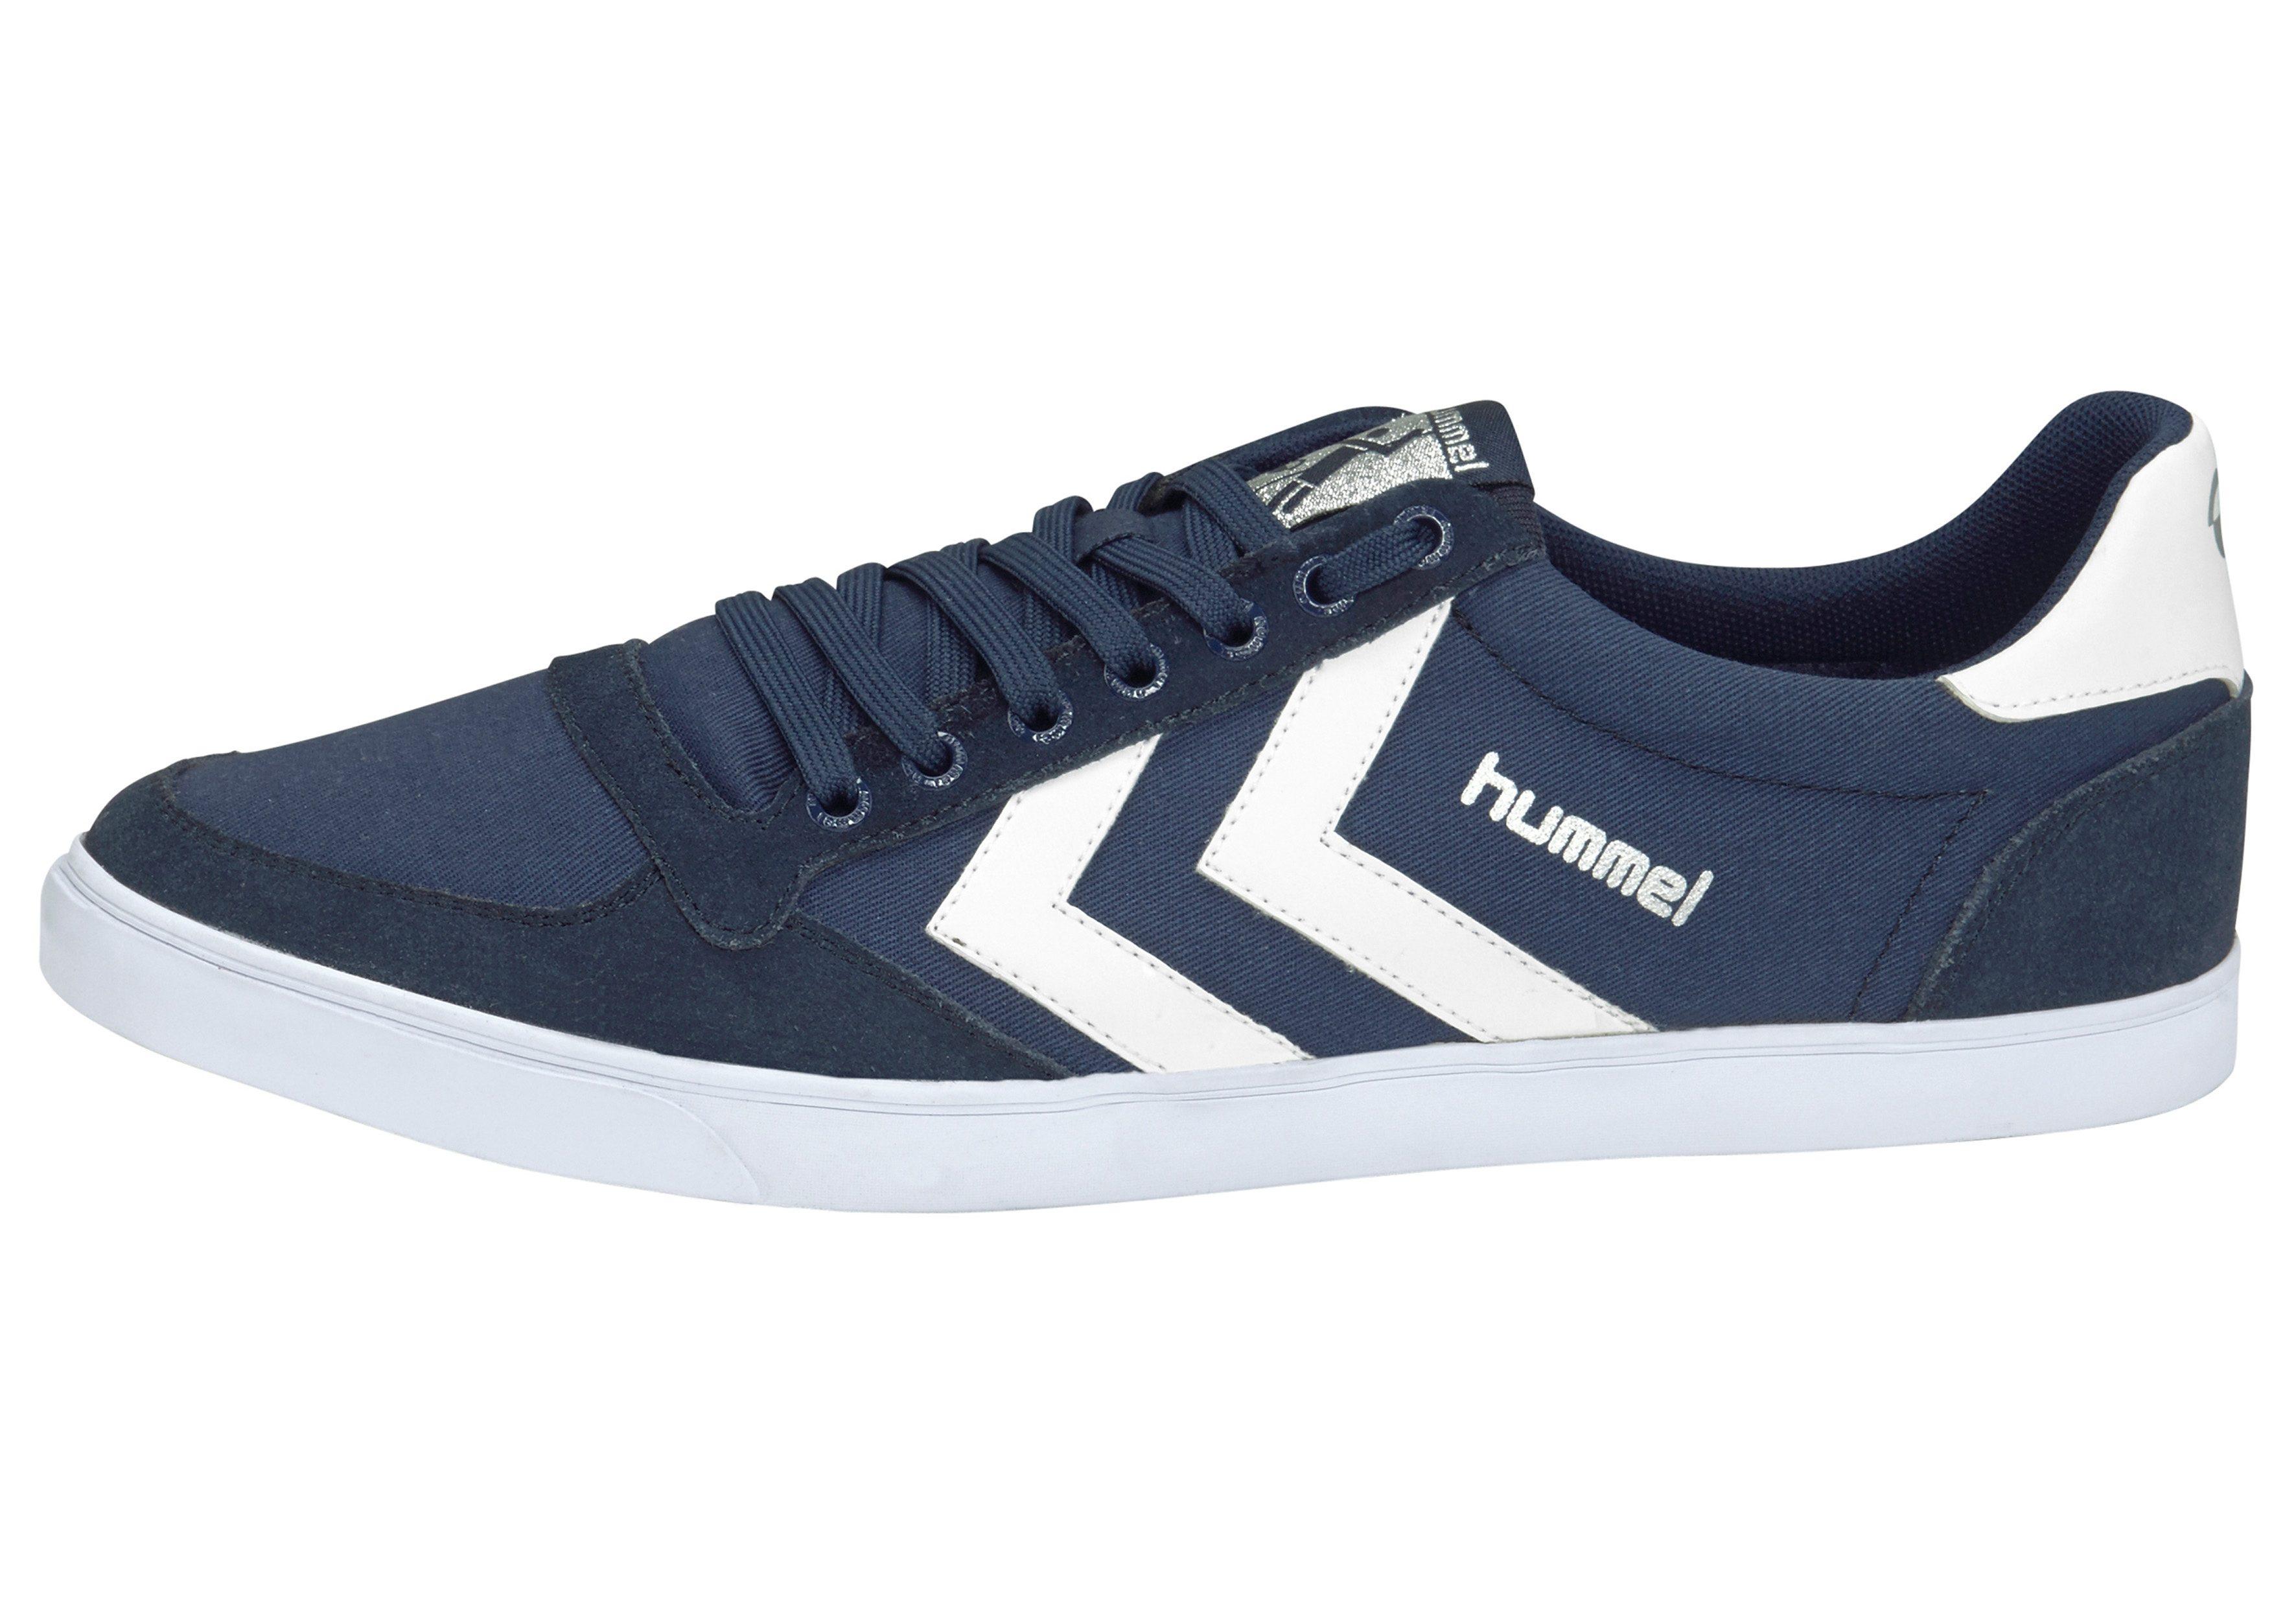 Hummel Slimmer Stadil Canvas Low Sneaker kaufen  marine-weiß